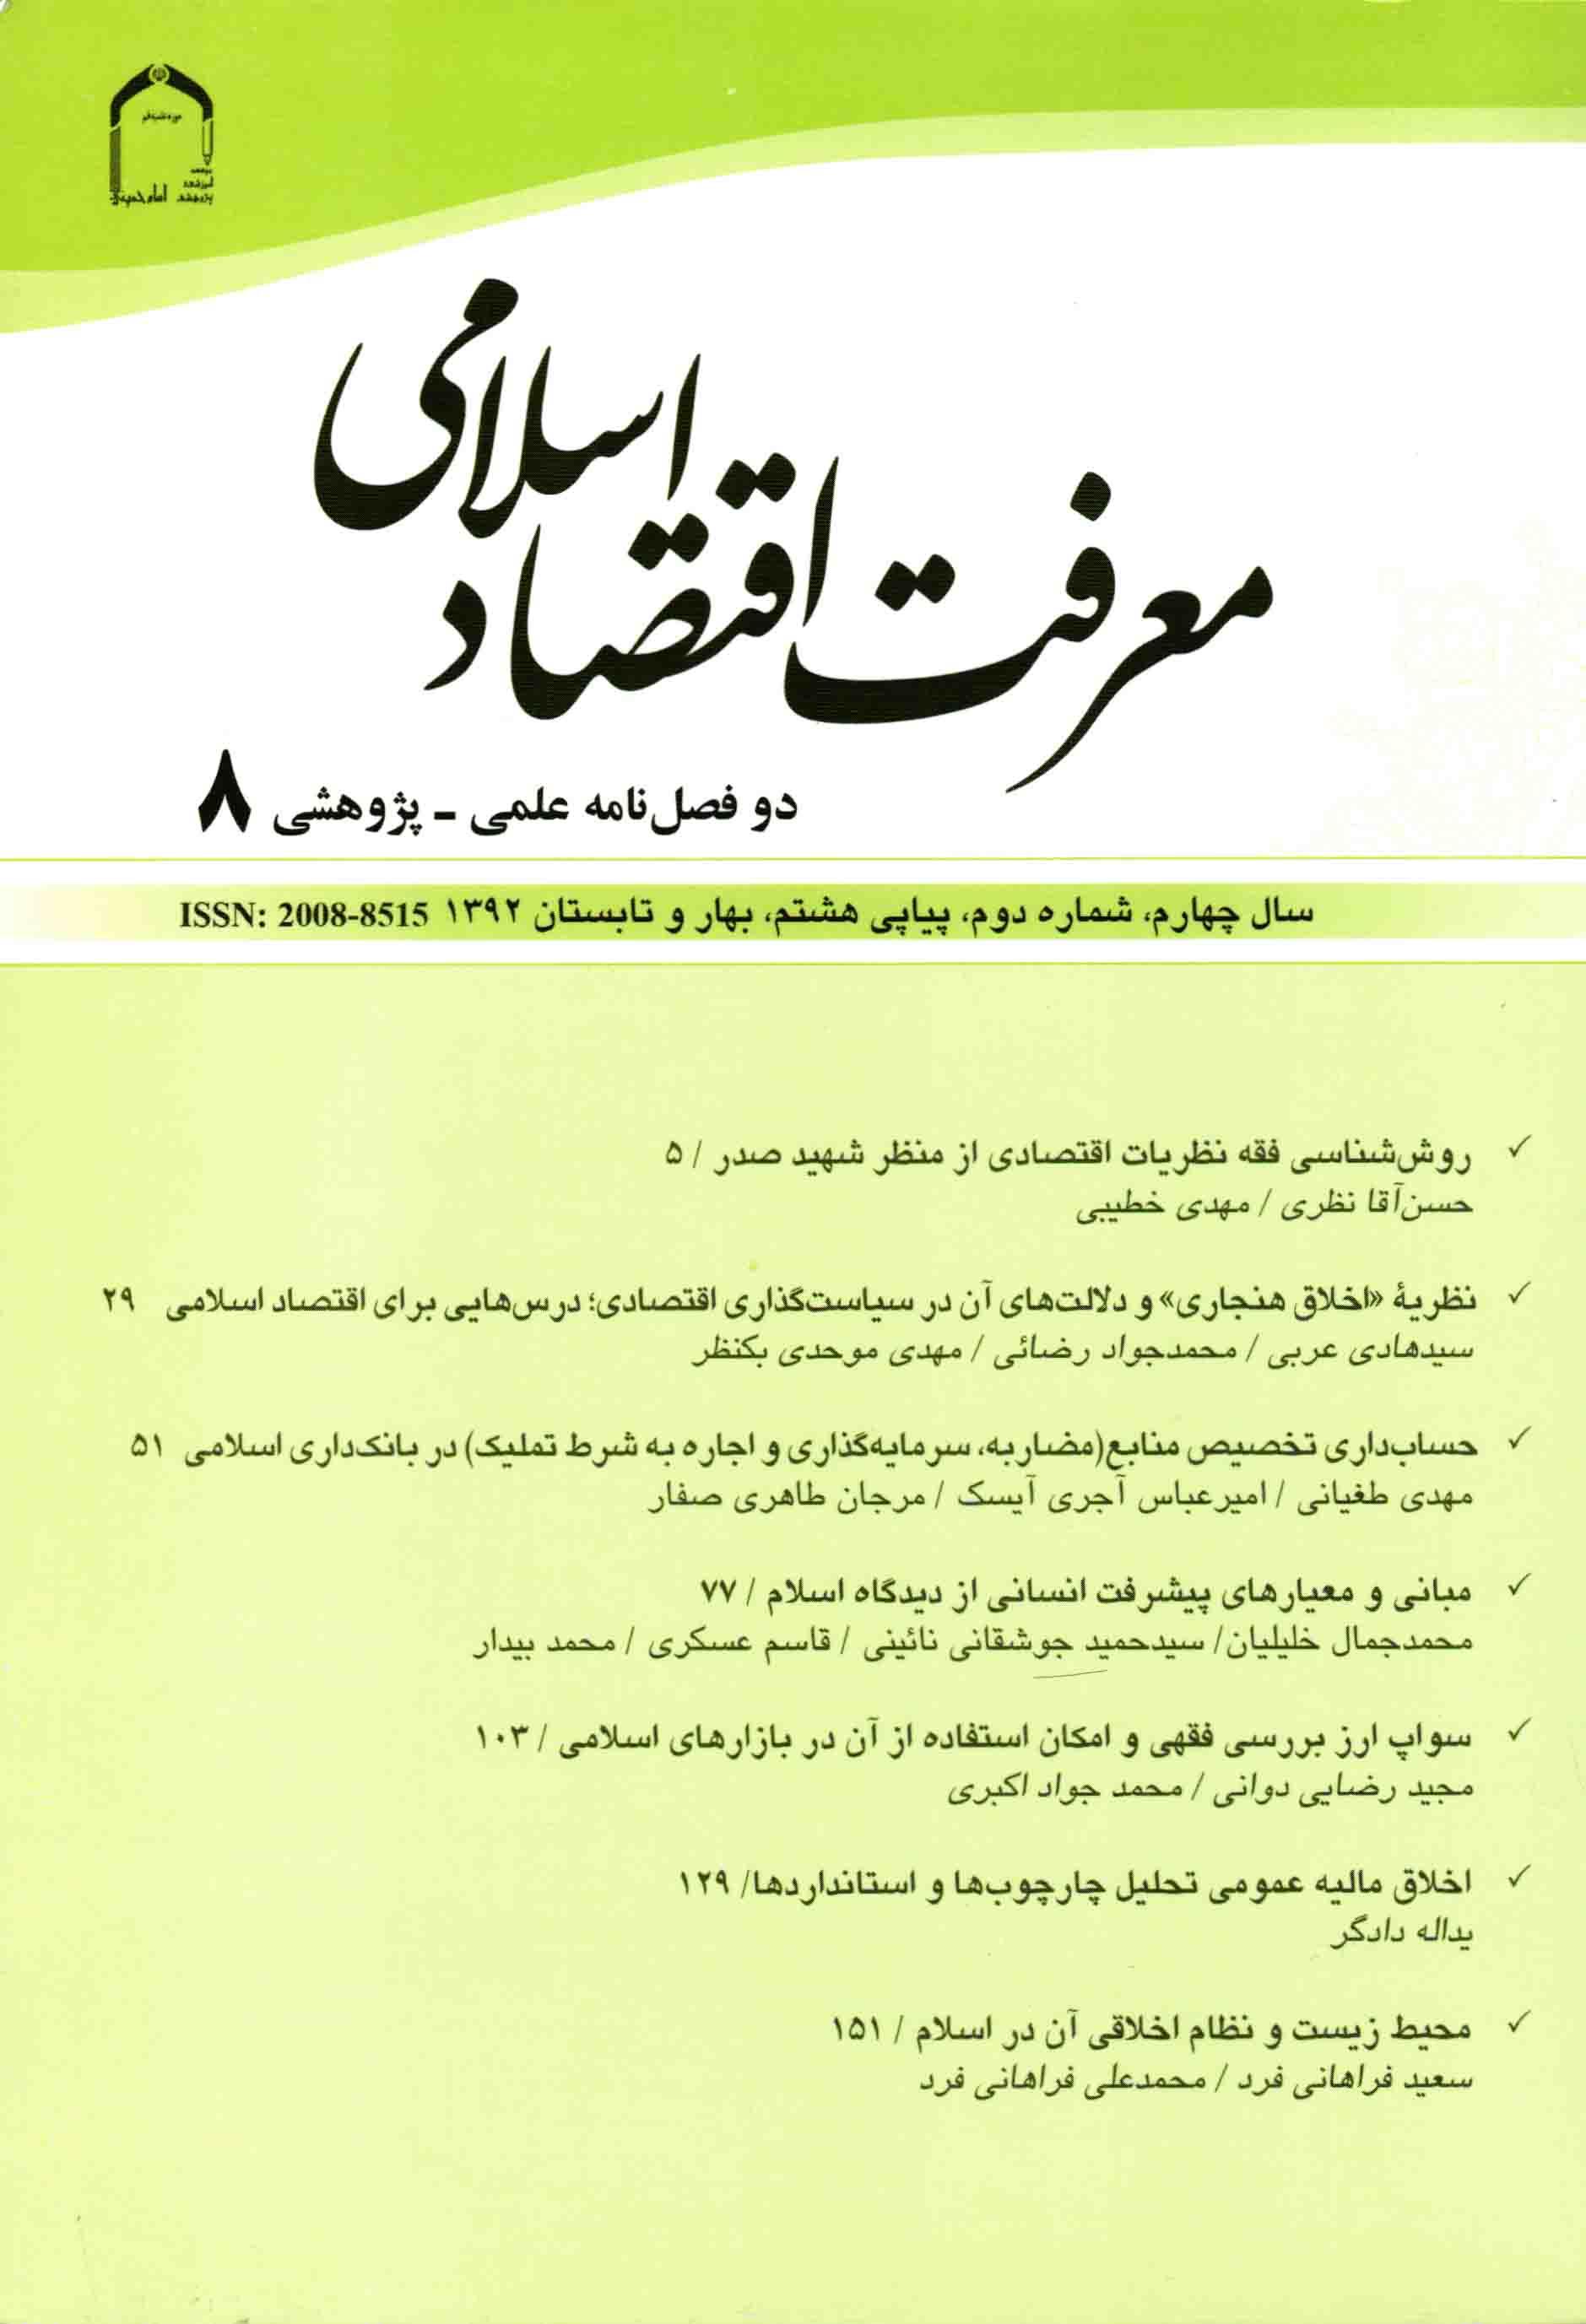 نظریة اخلاق هنجاری و دلالتهای آن در سیاستگذاری اقتصادی؛ درسهایی برای اقتصاد اسلامی